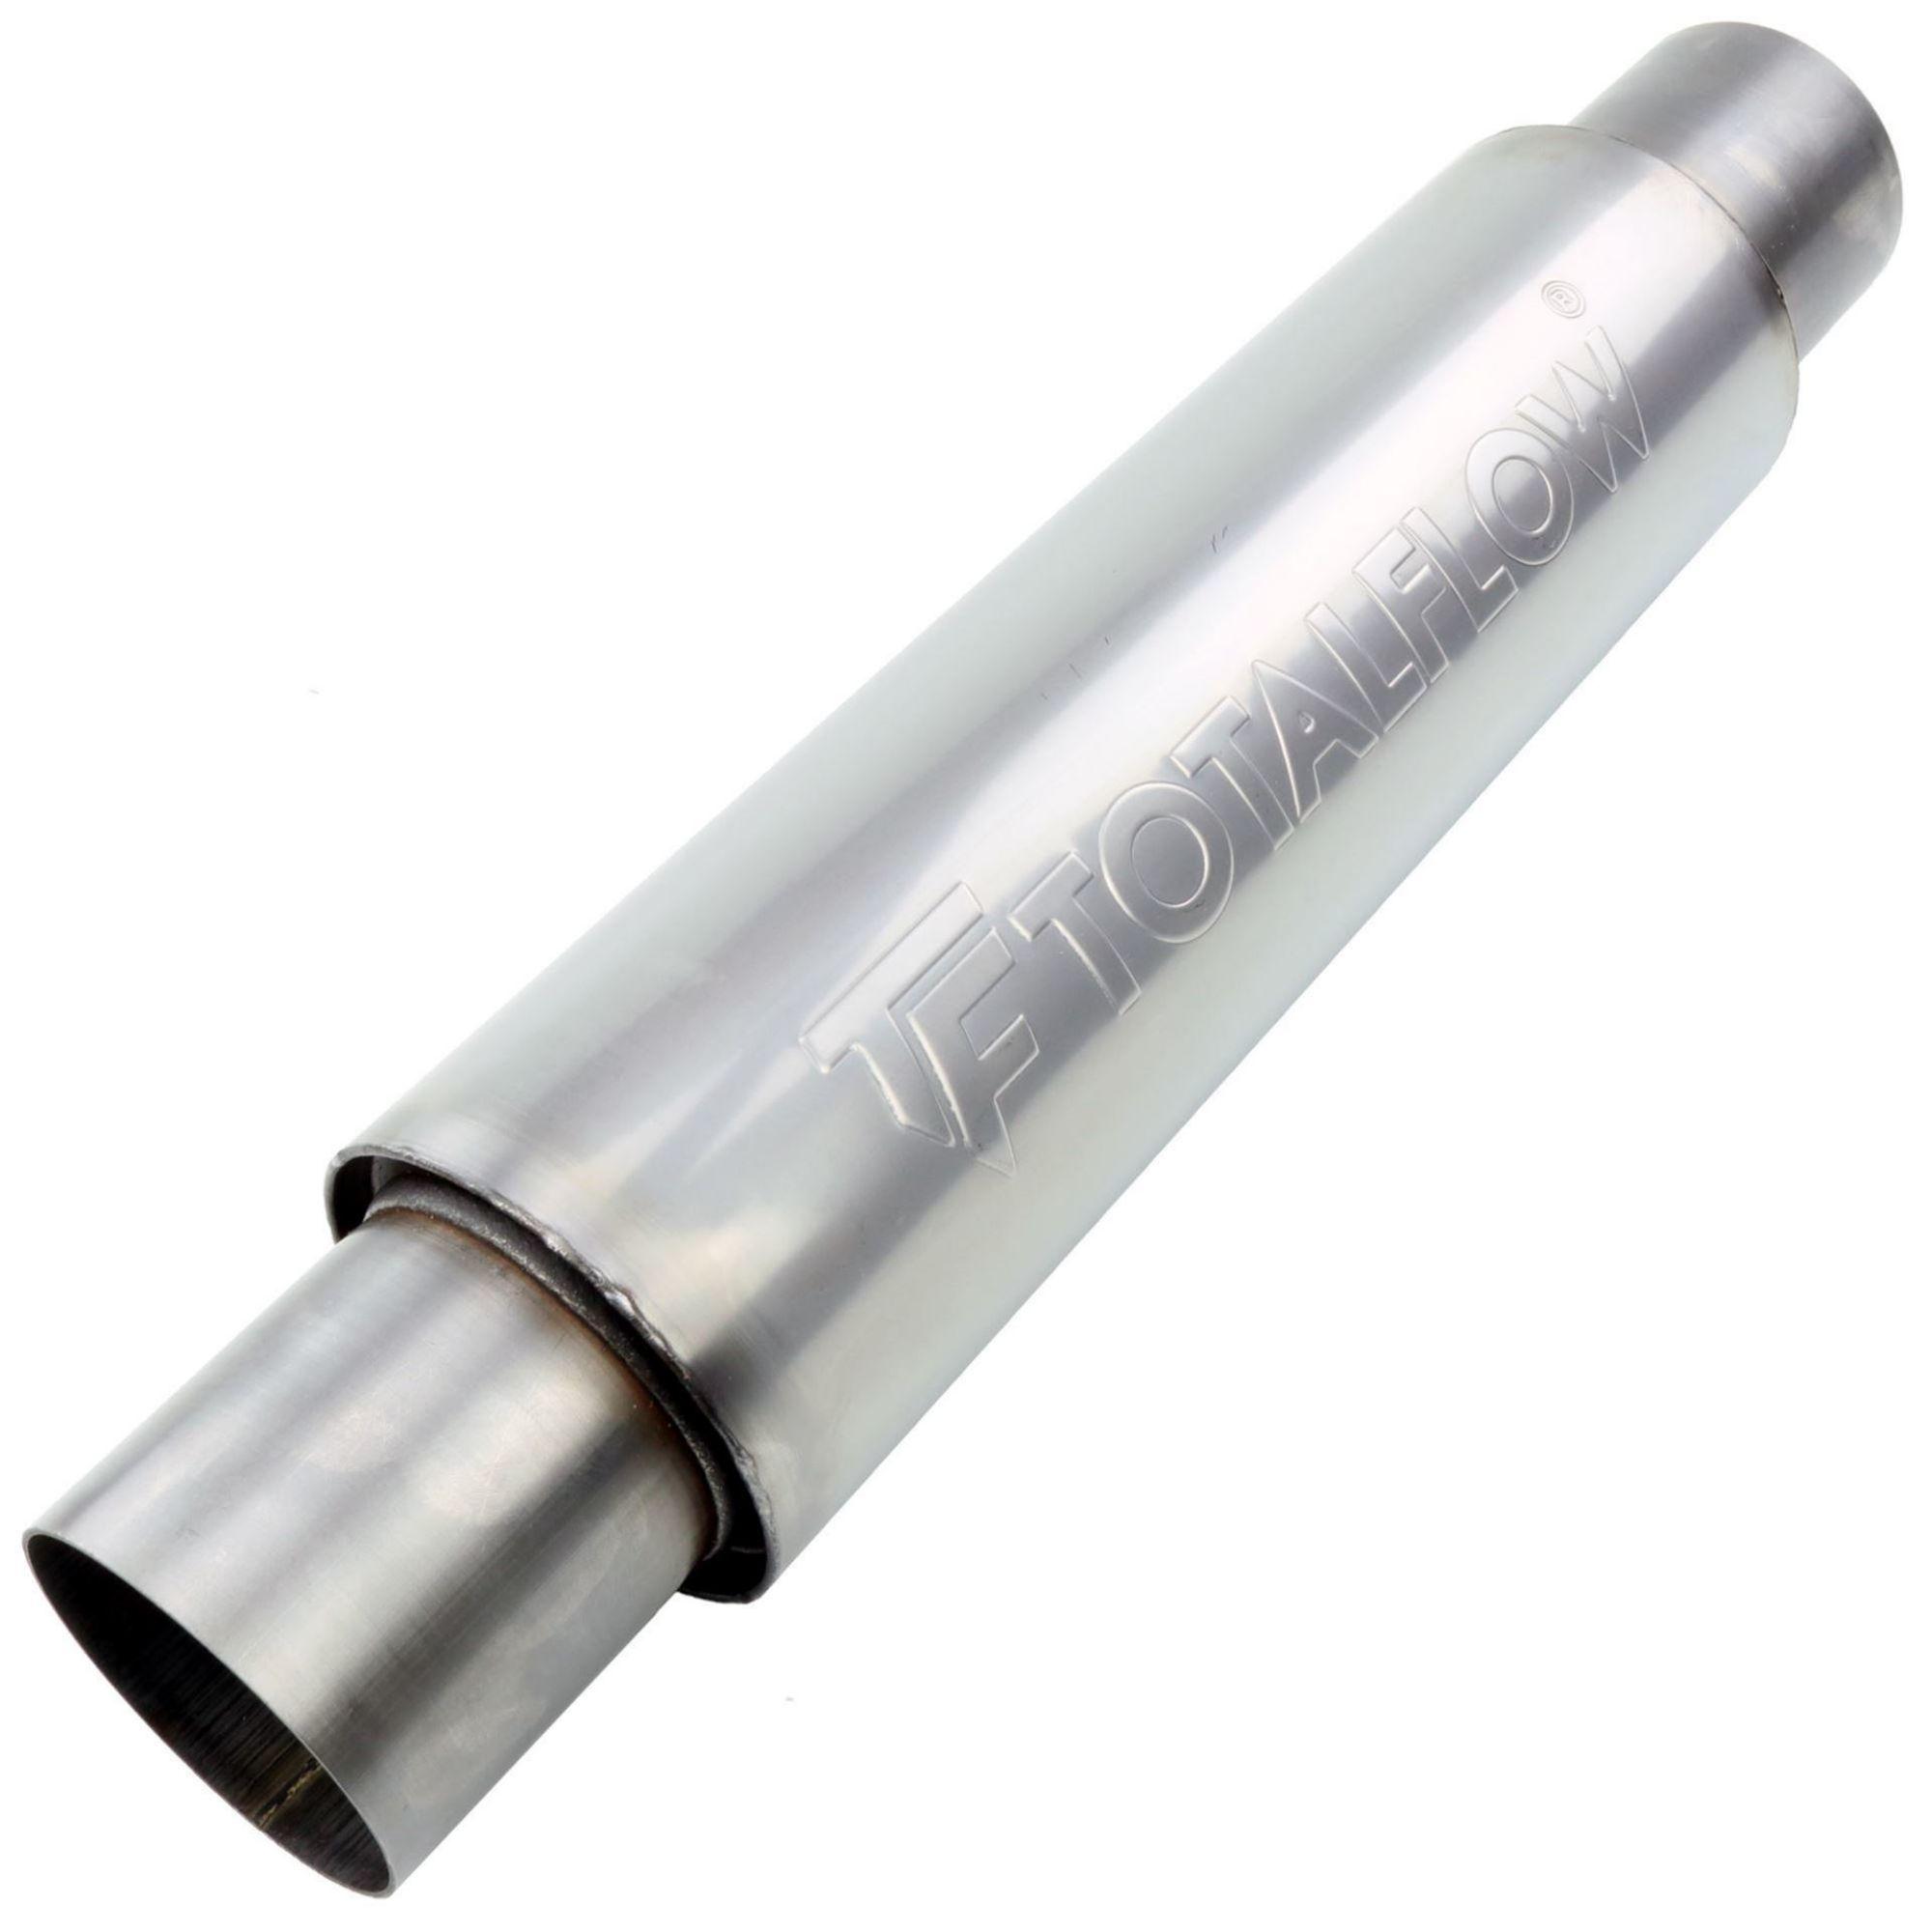 TOTALFLOW 22119 Straight Through Universal Exhaust Muffler - 3 Inch ID